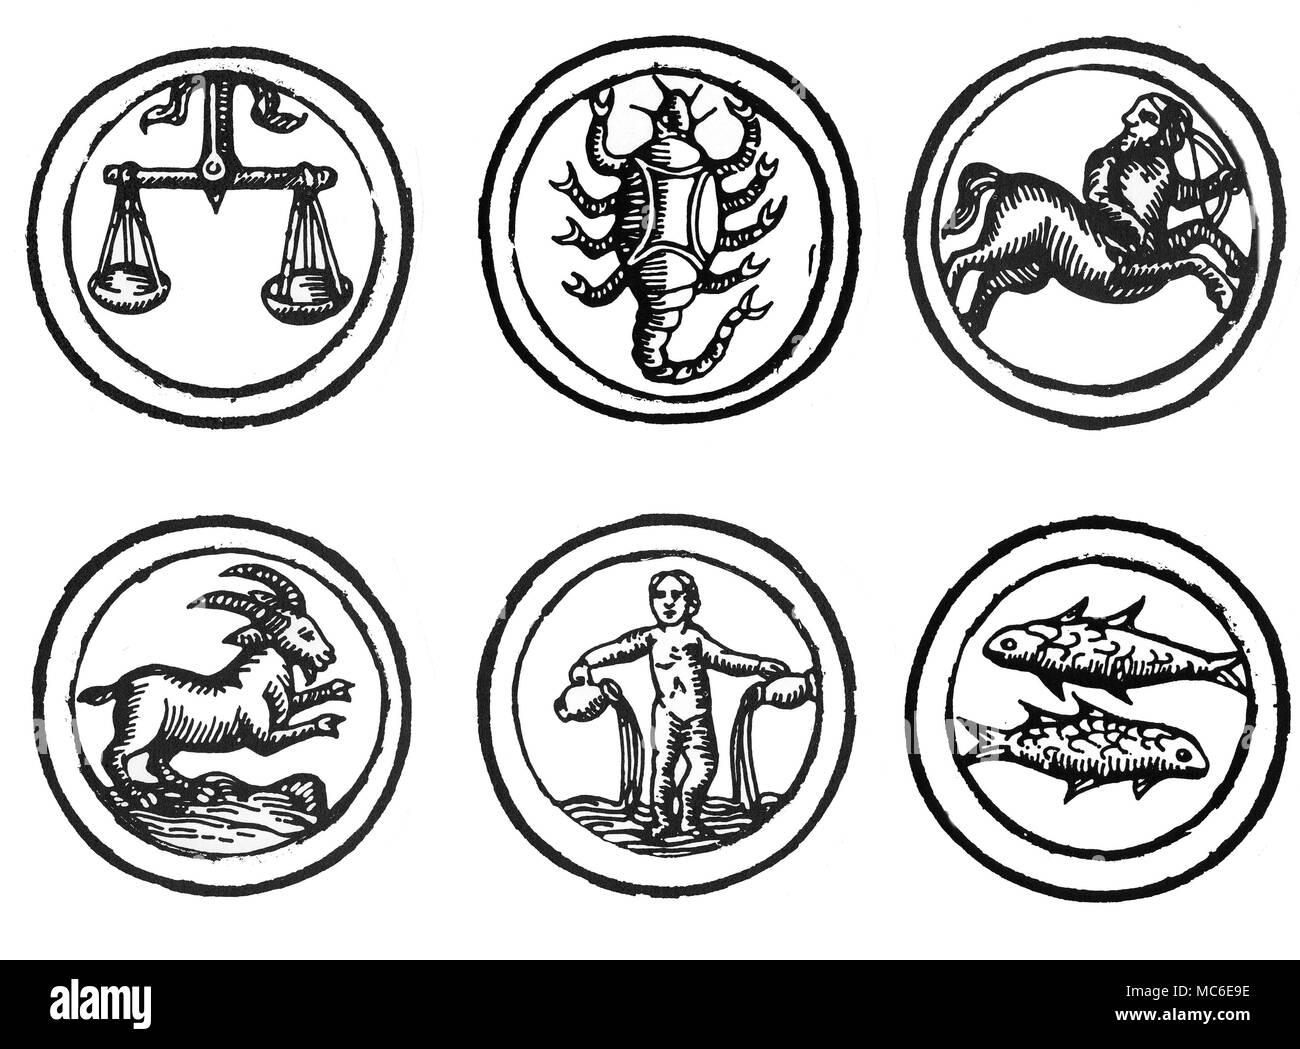 Calendrier Du Zodiaque.Astrologie Zodiaques Six Images Des Douze Signes Du